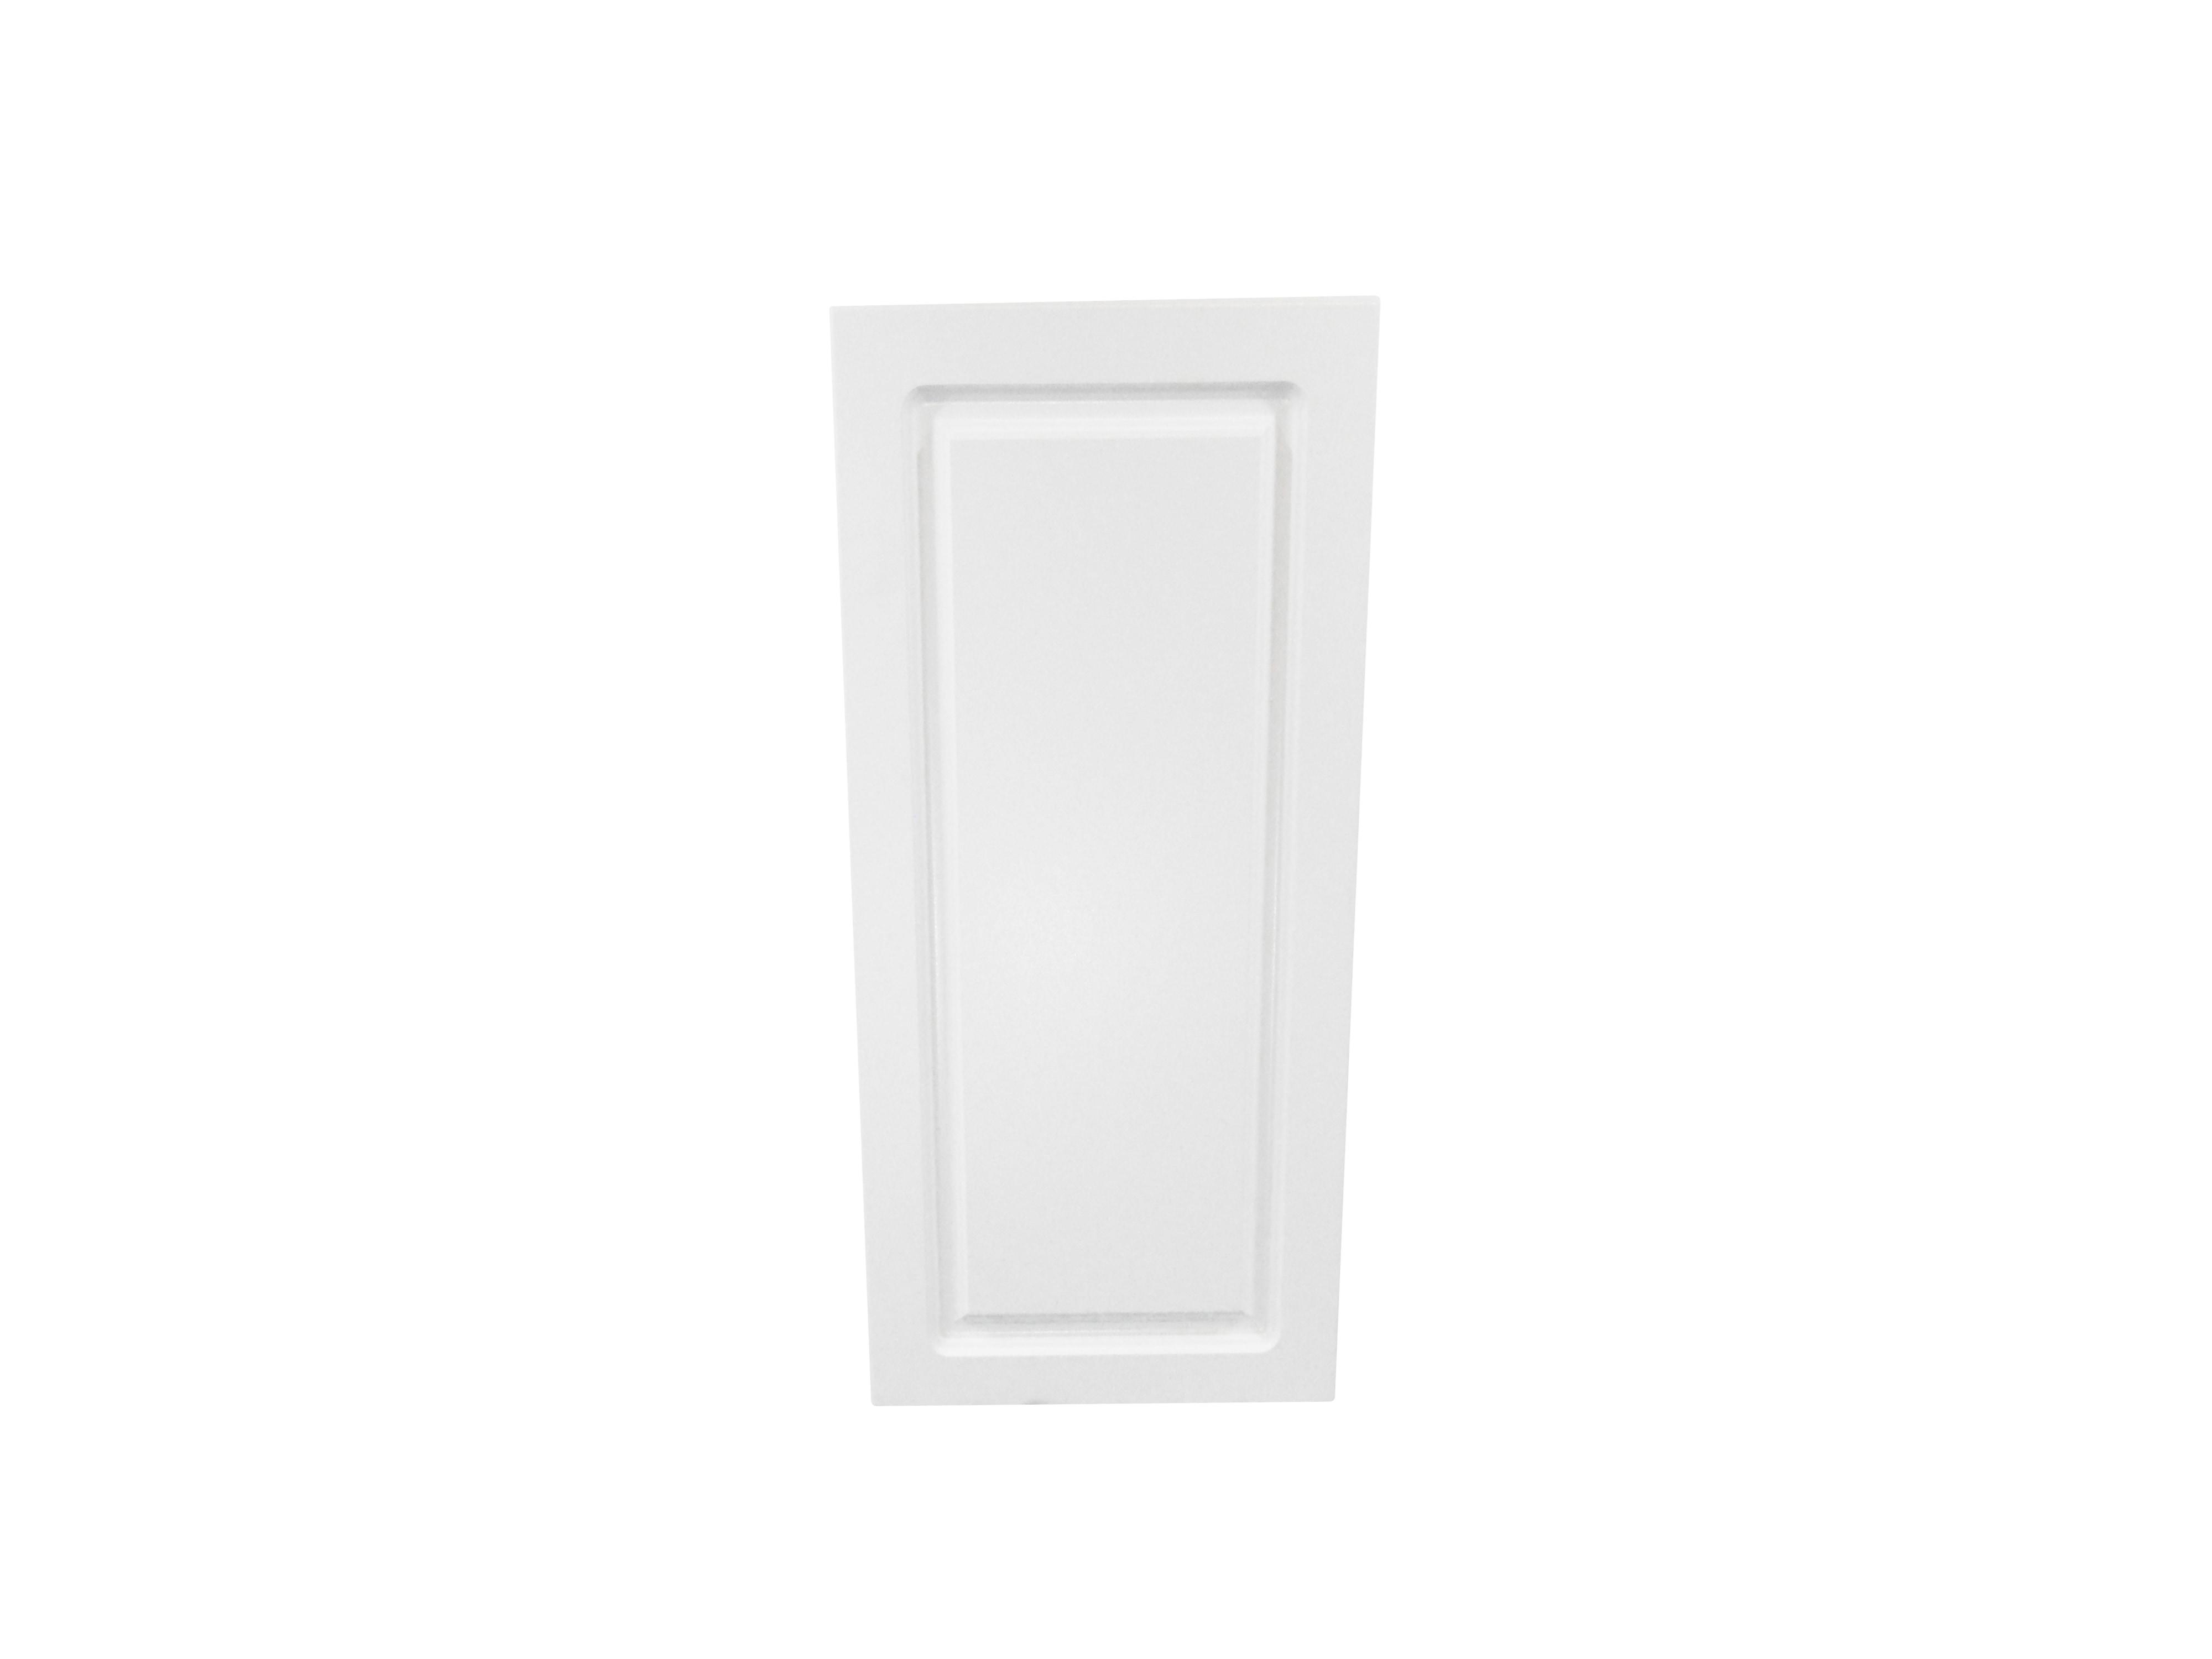 Wall Cabinet / San Juan / Raised Panel White / 15x30 San Juan 0